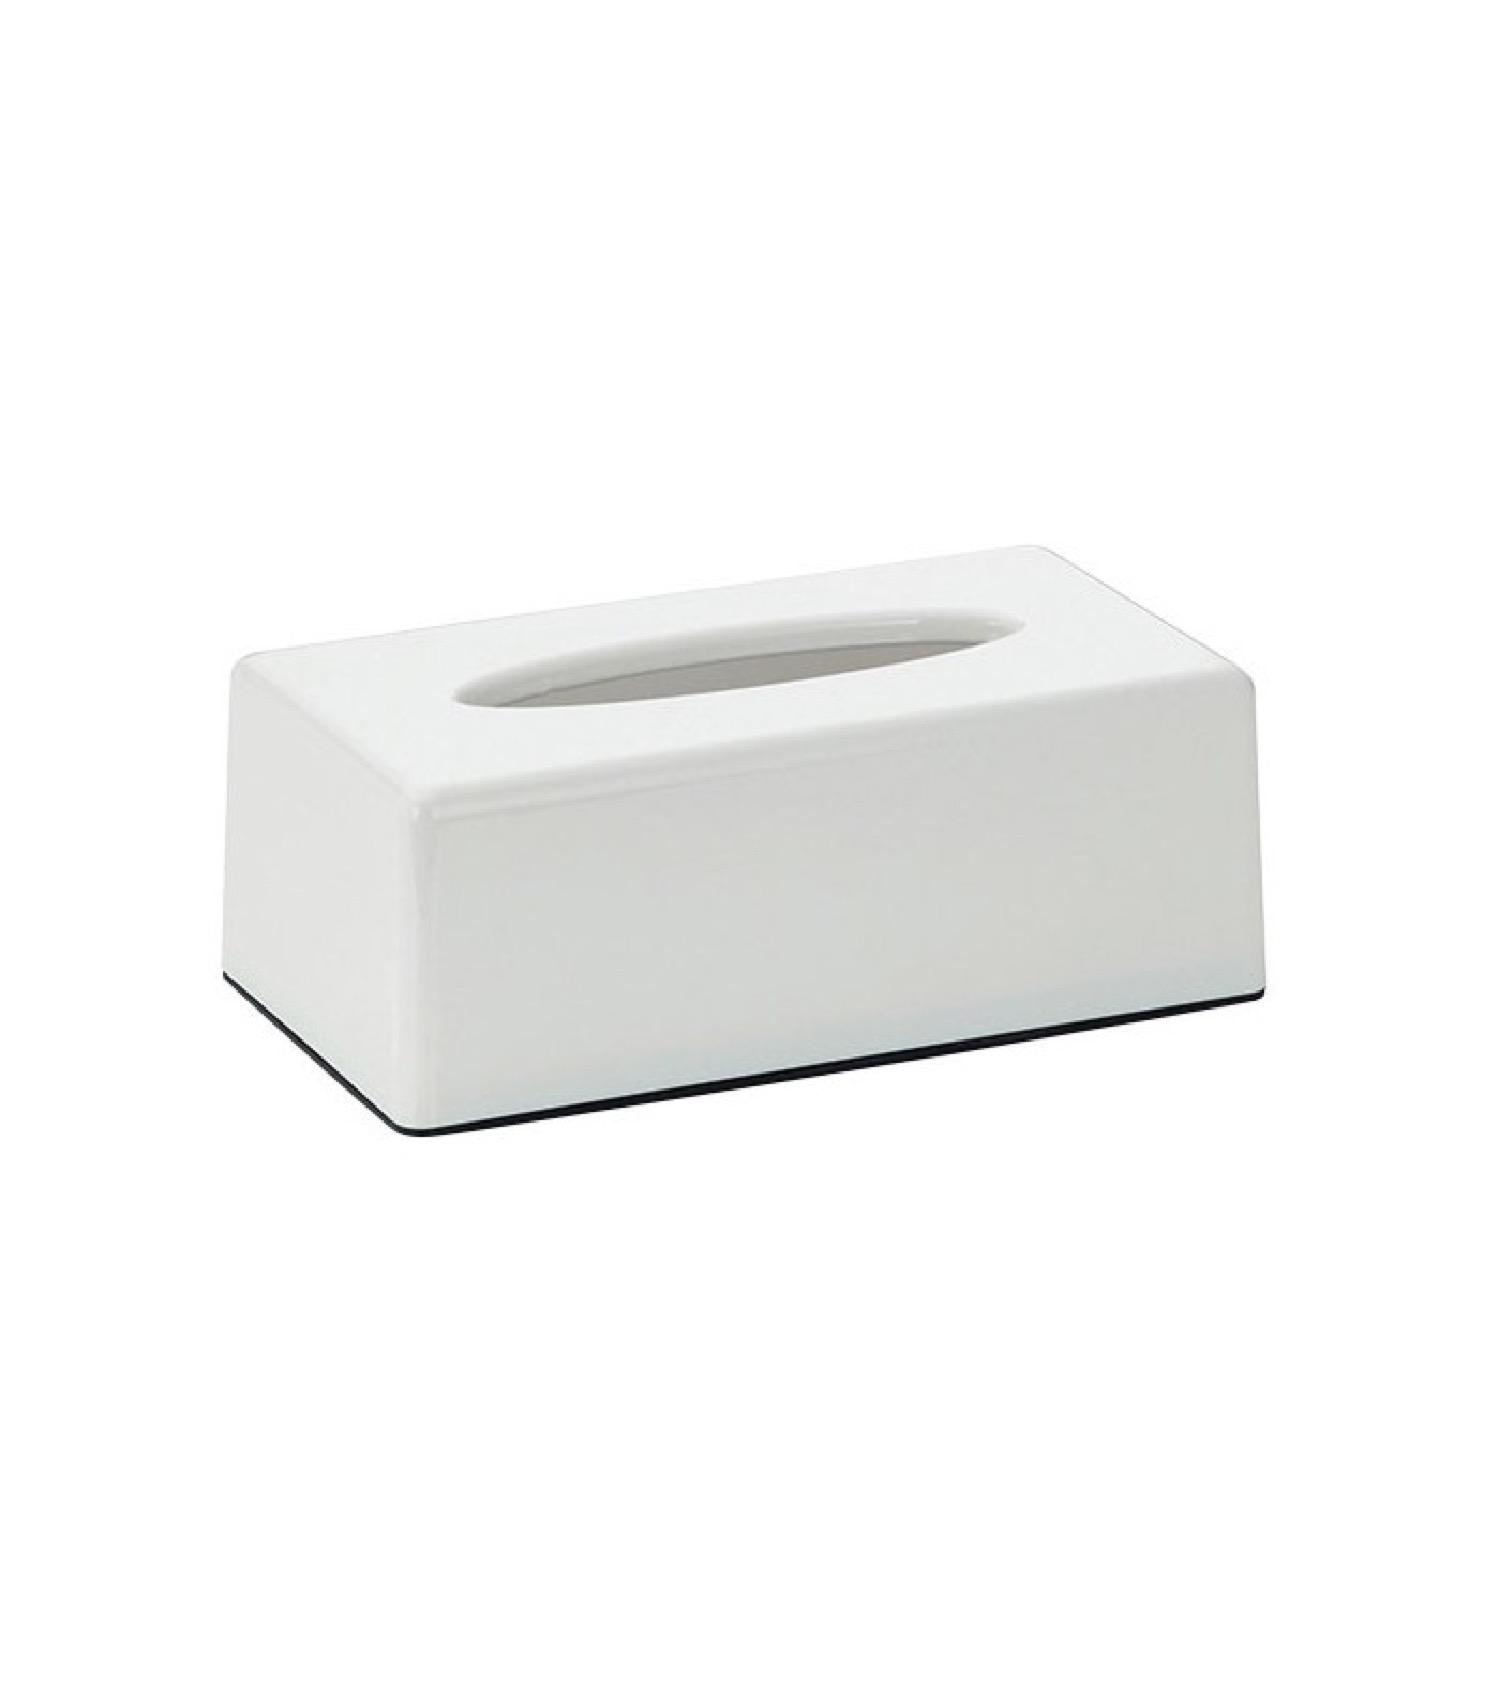 Boîte à mouchoirs rectangulaire plastique blanc